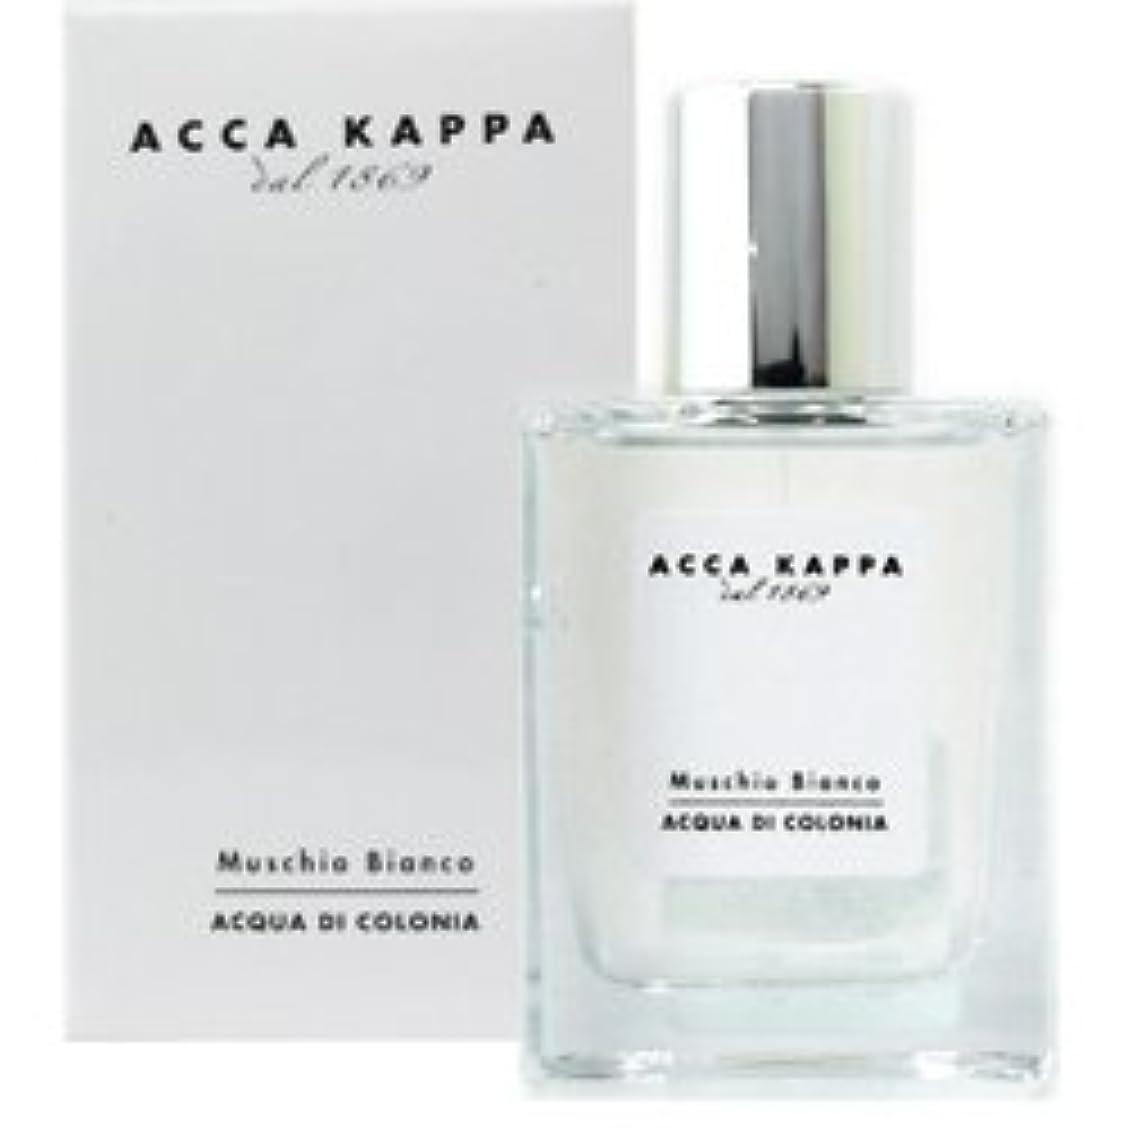 誇張するパス世界の窓アッカカッパ ACCA KAPPA ホワイトモス オーデコロン EDC SP 50ml [並行輸入品]